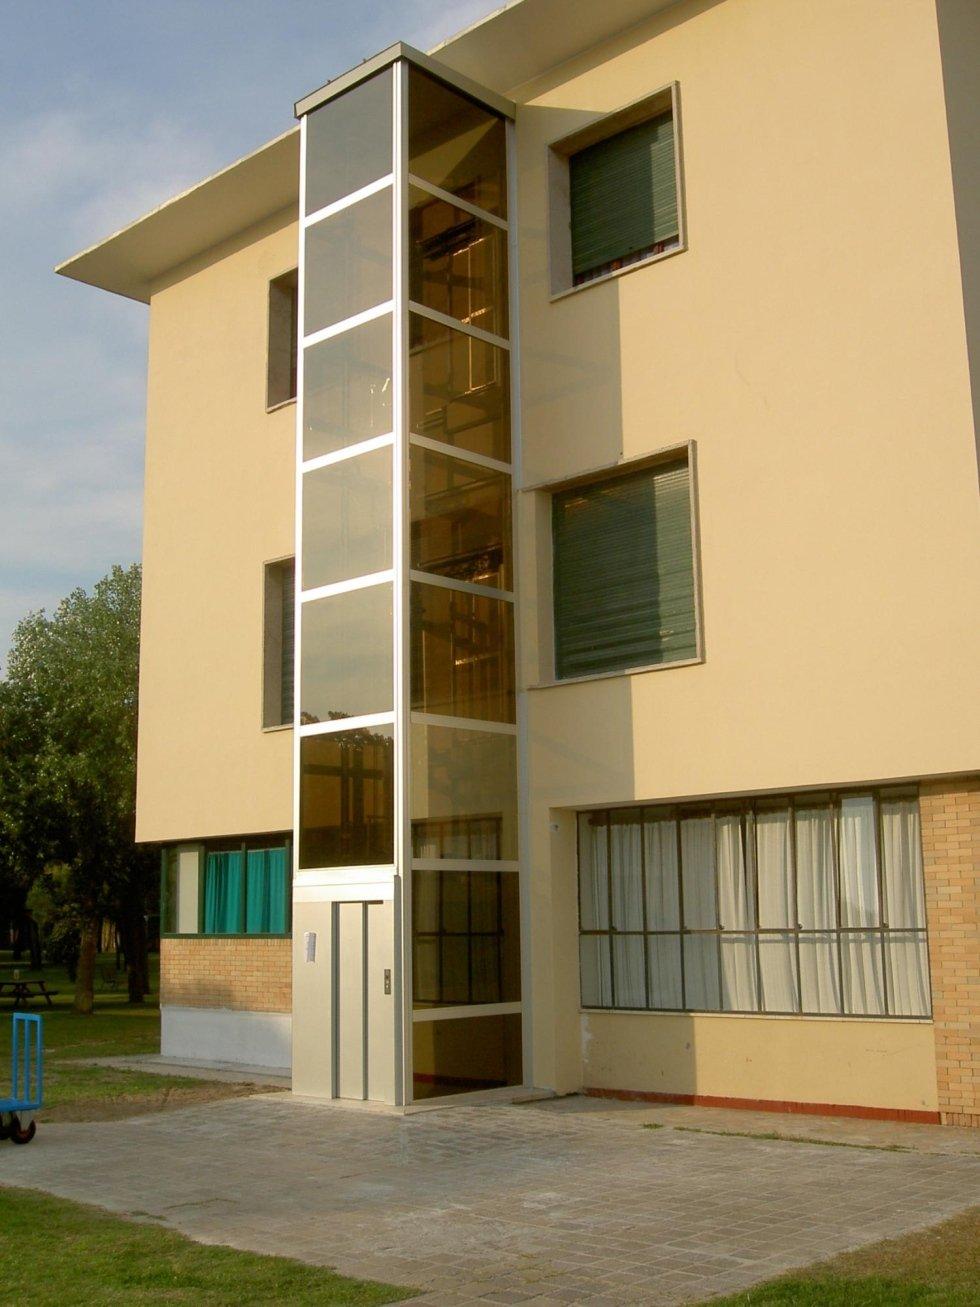 vista angolare di un edificio giallo con ascensore in vetro, persiane e giardino